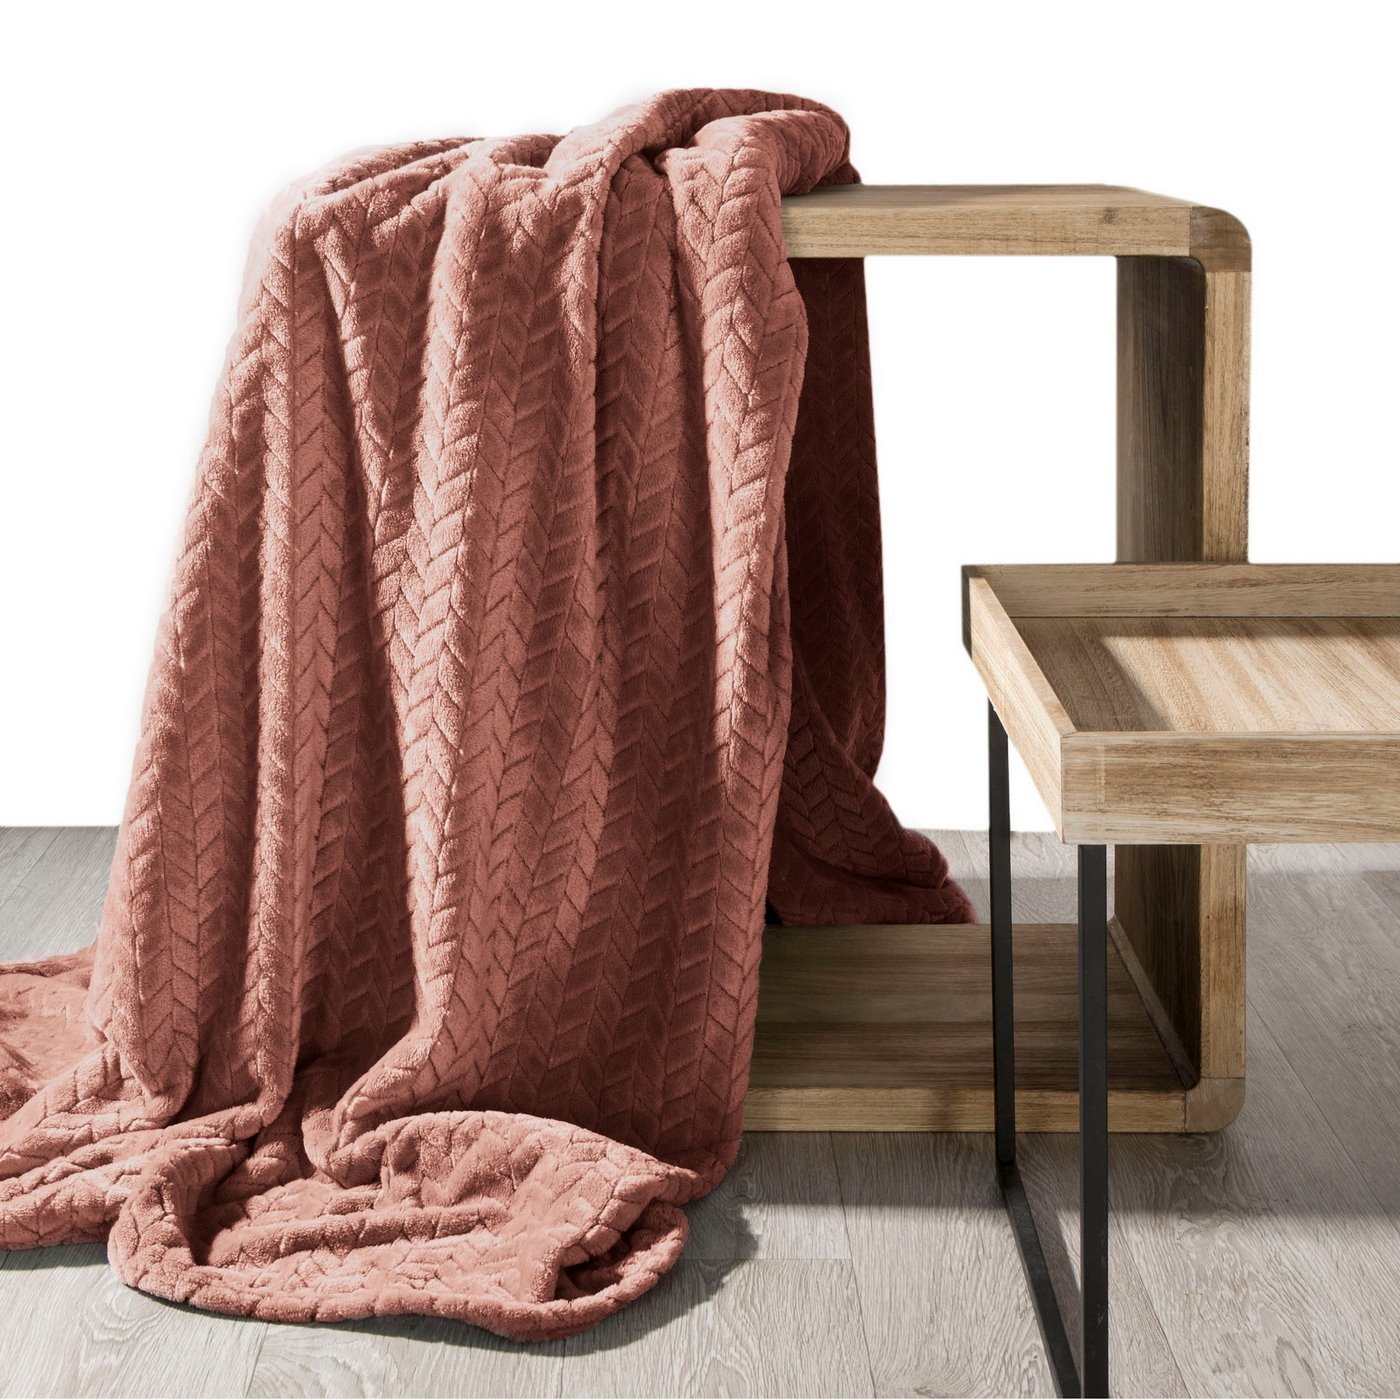 Koc miękki i miły w dotyku na fotel z efektem 3D pudrowy 70x160cm